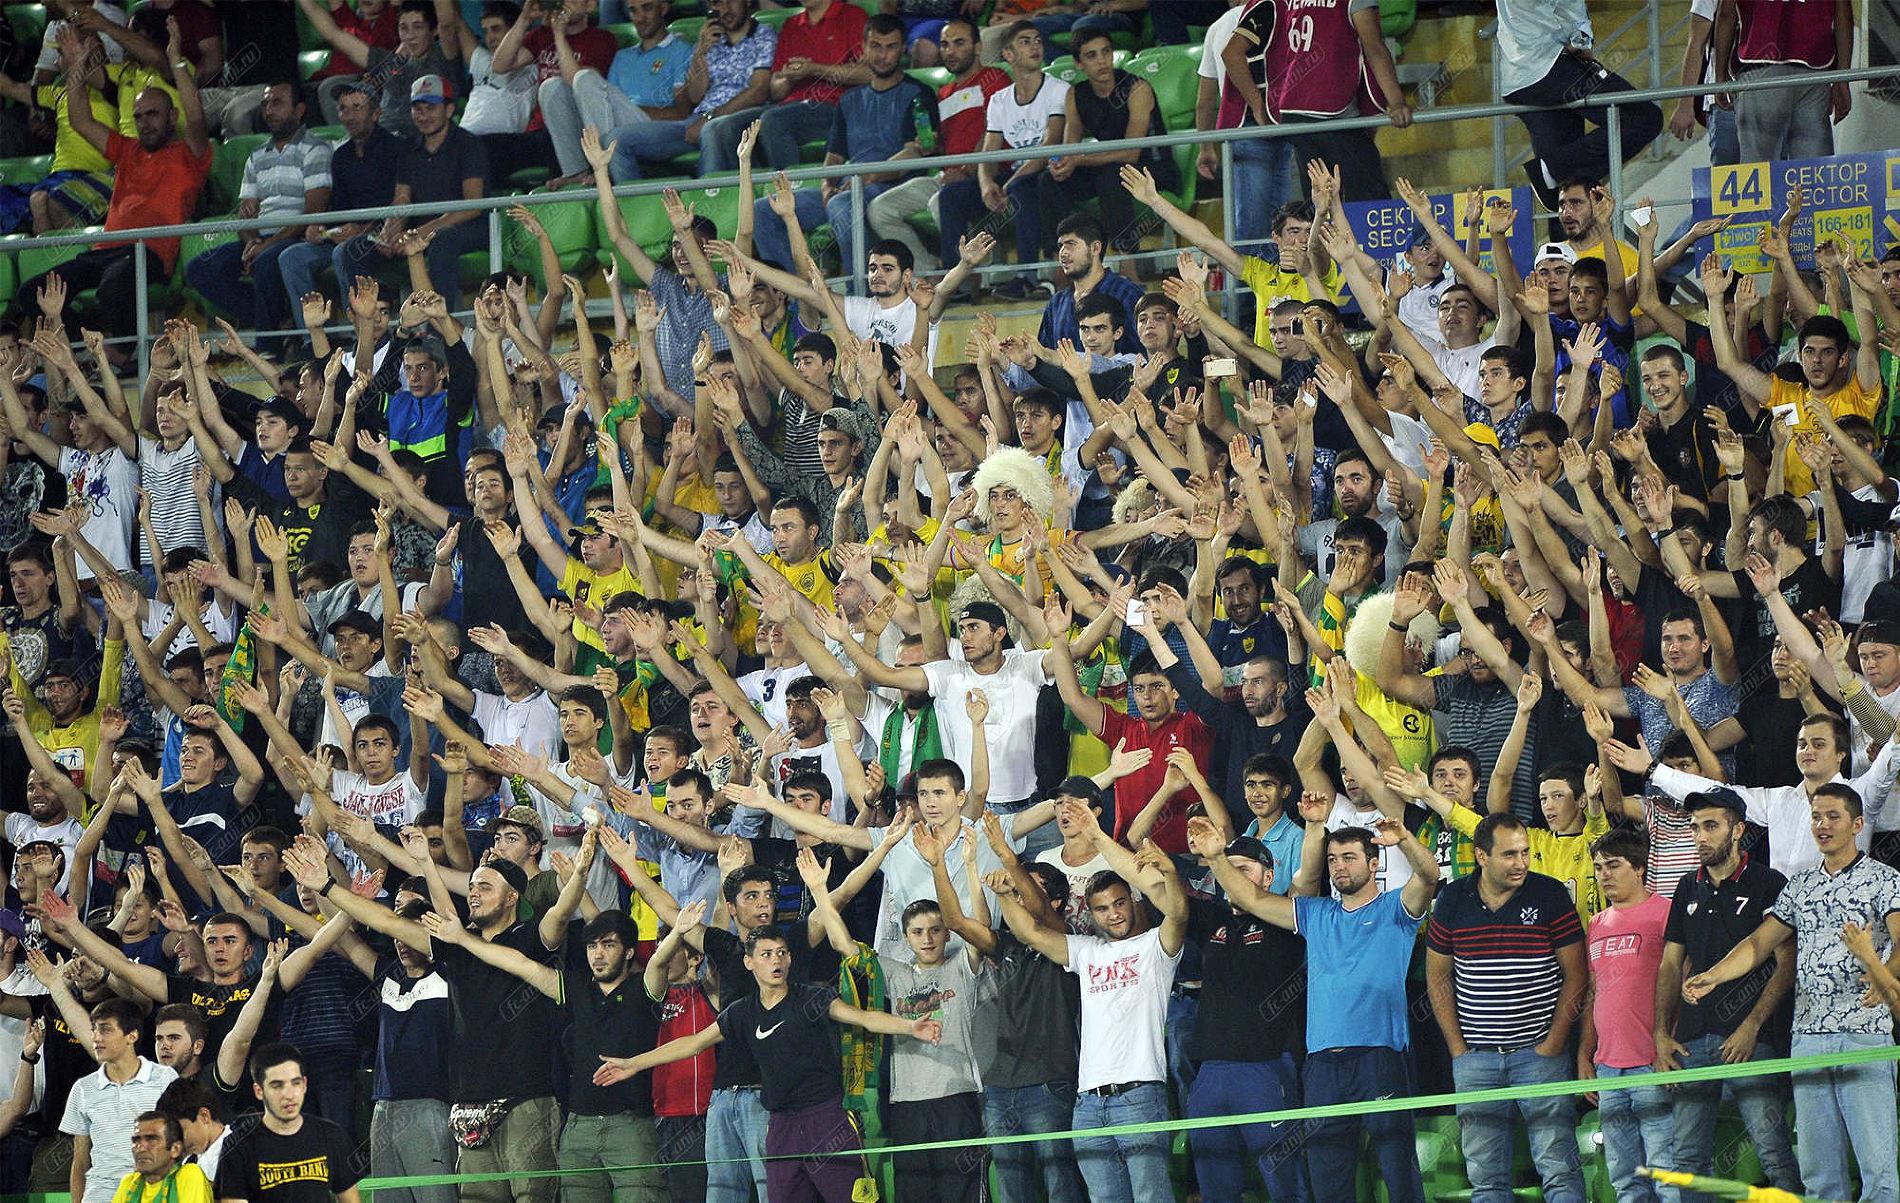 РФС рассмотрит ужесточение штрафов для клубов занецензурную брань фанатов